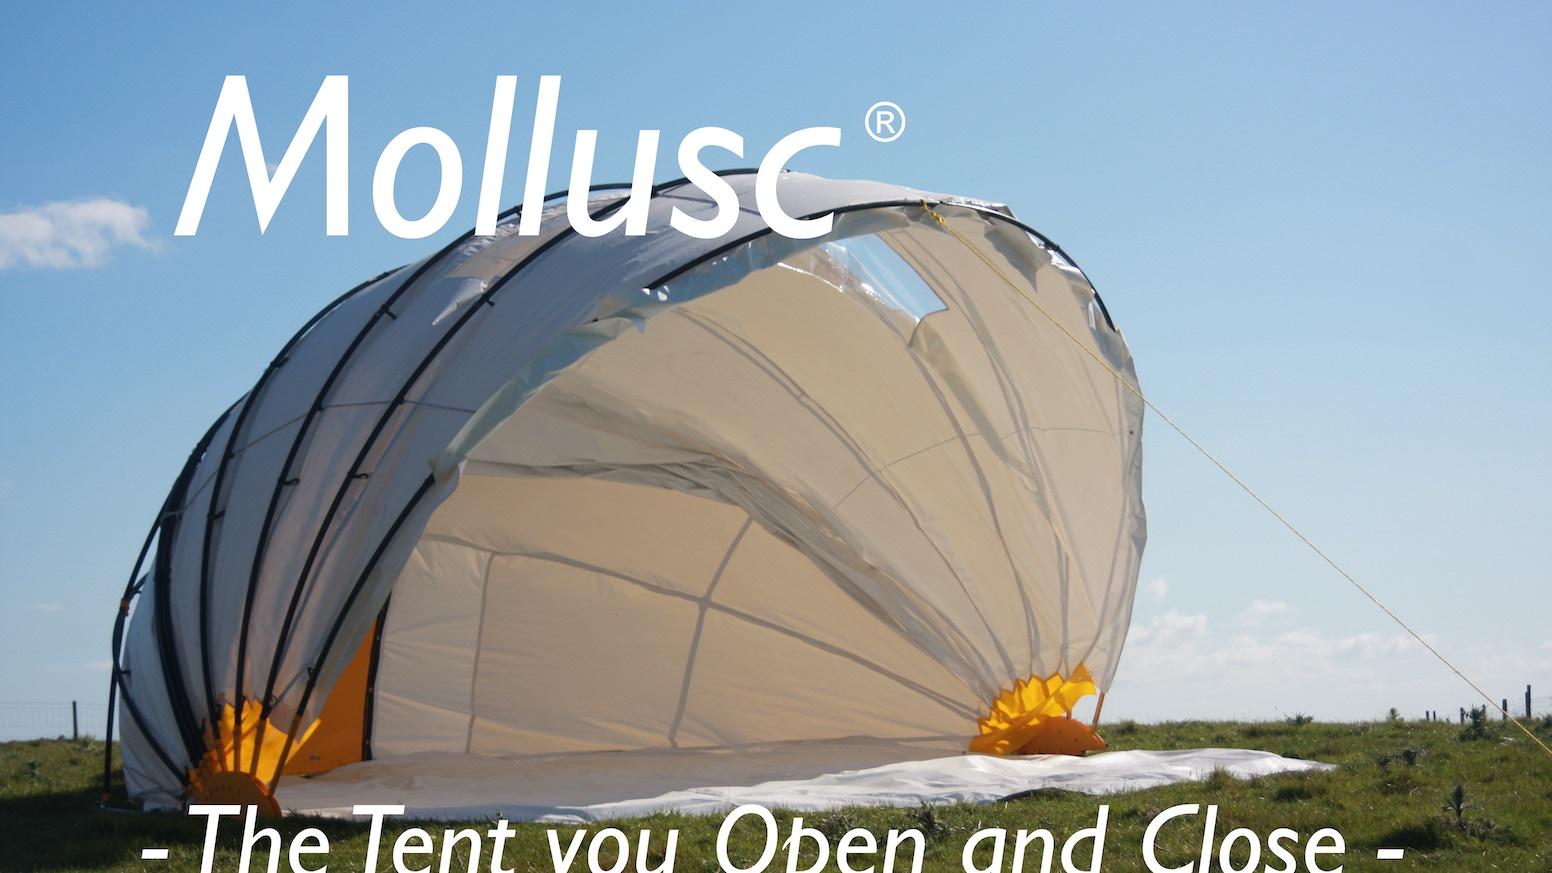 A quantum shift in tent design